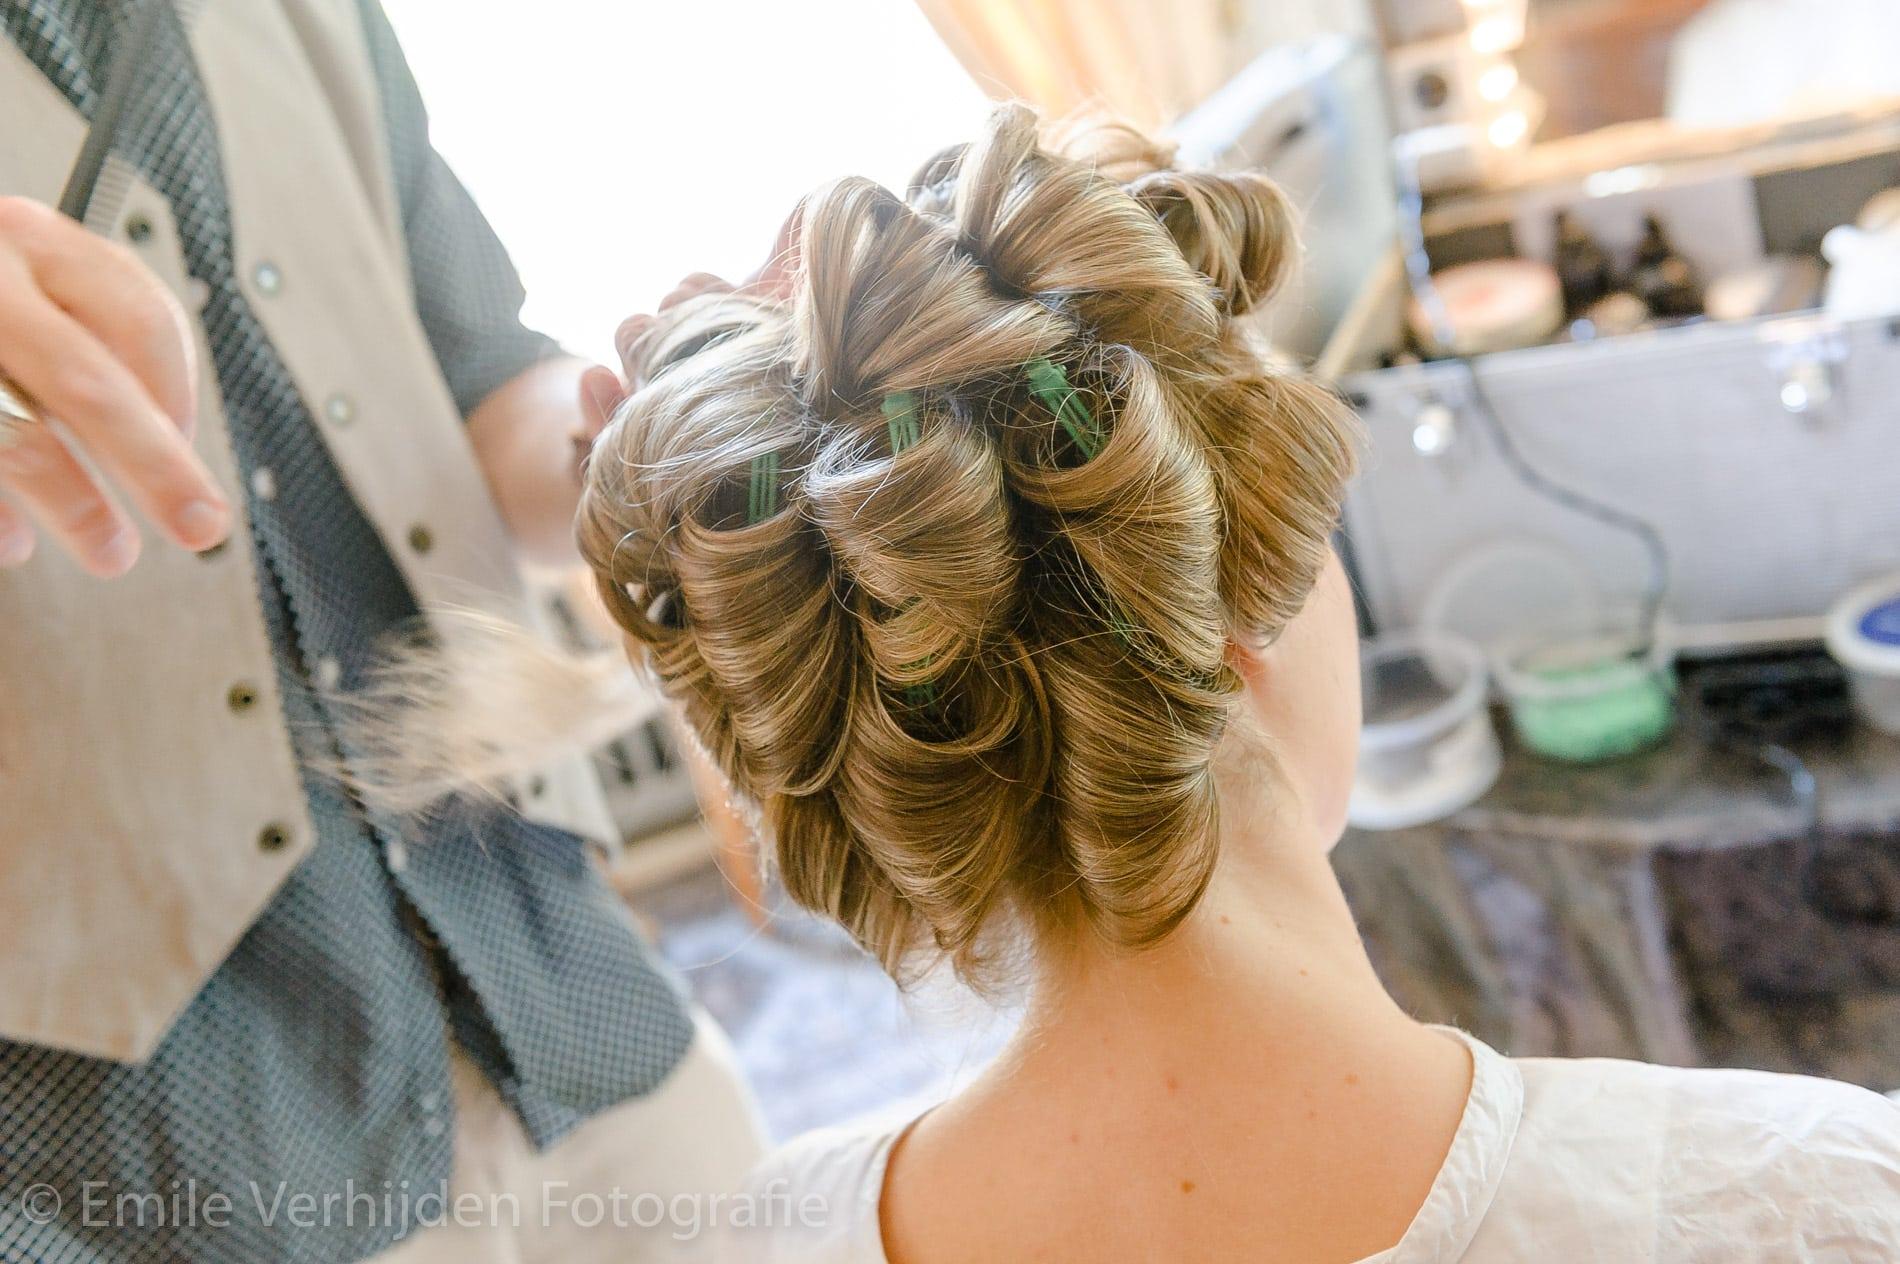 De haren van de bruid zitten helemaal in de krulspelden. Bruidsfotograaf Grathem Limburg Emile Verhijden